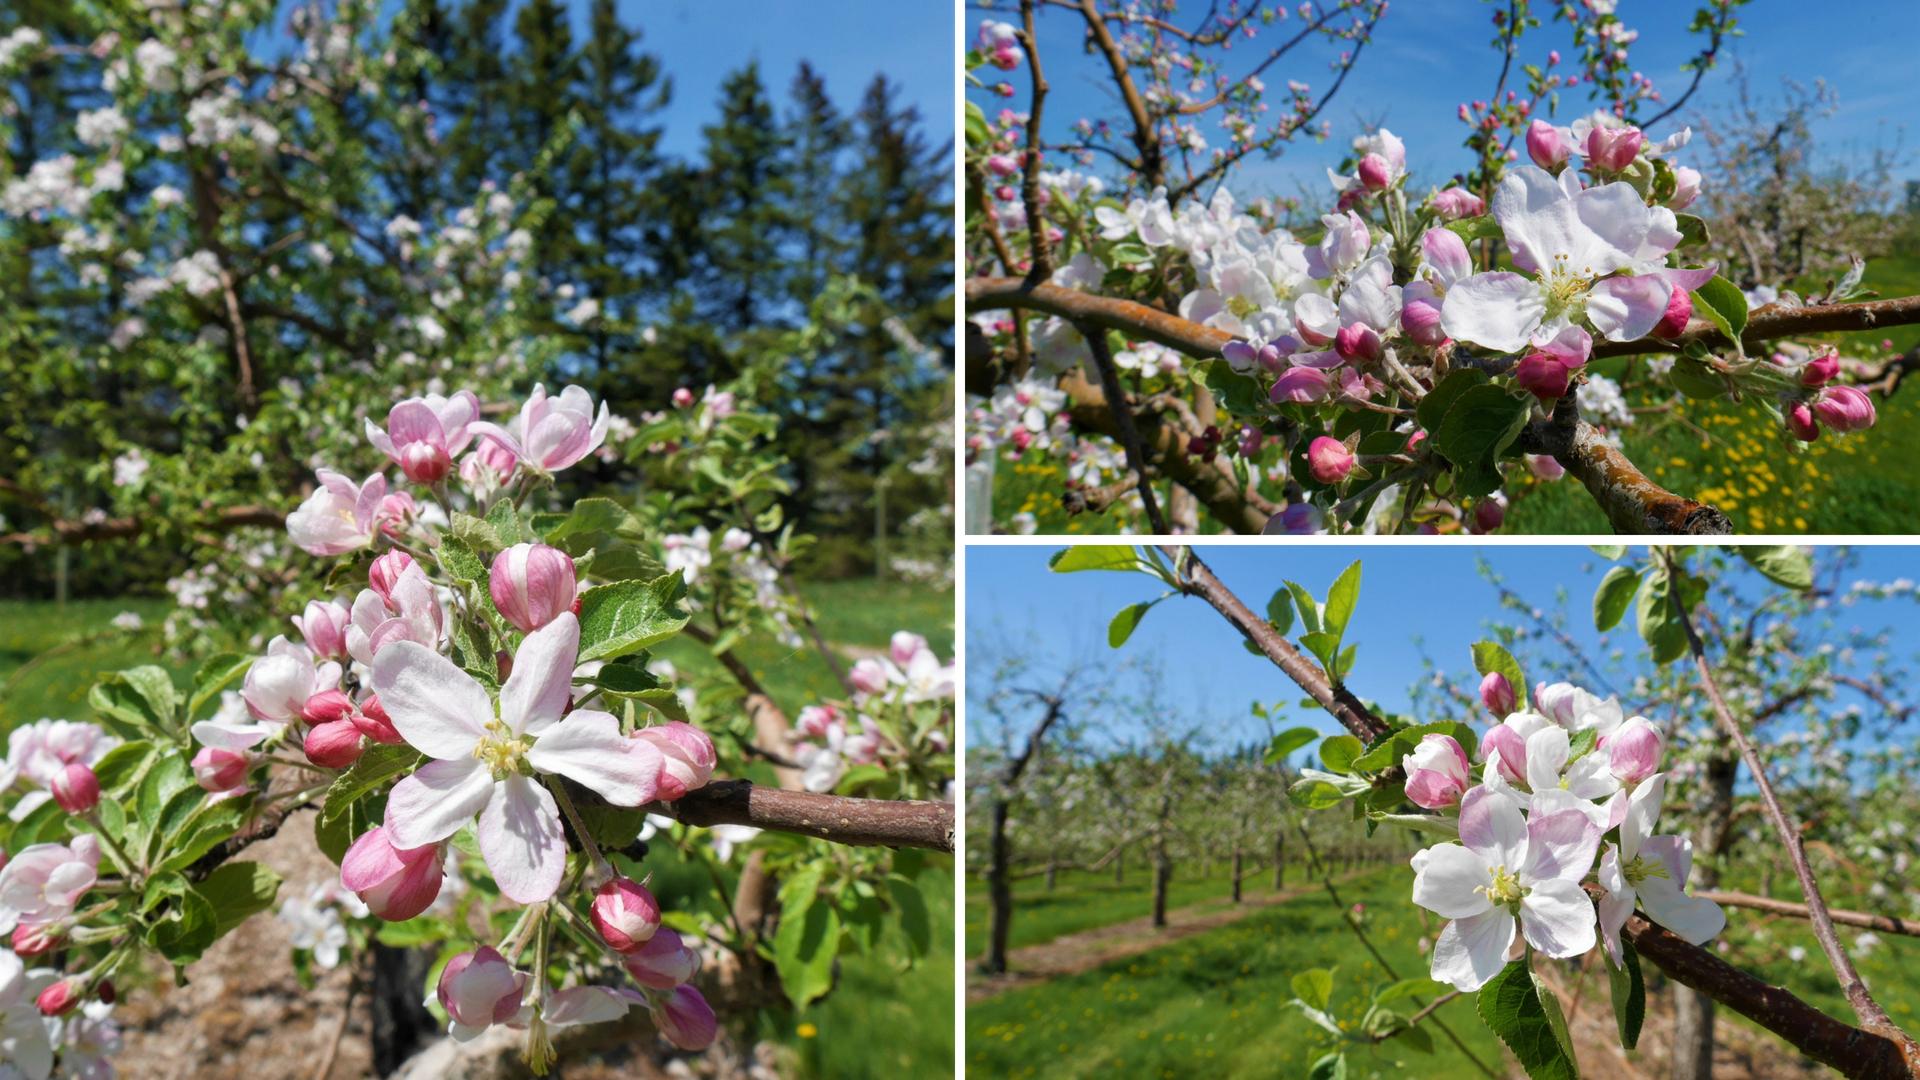 pommiers fleur verger belliveau blog voyage